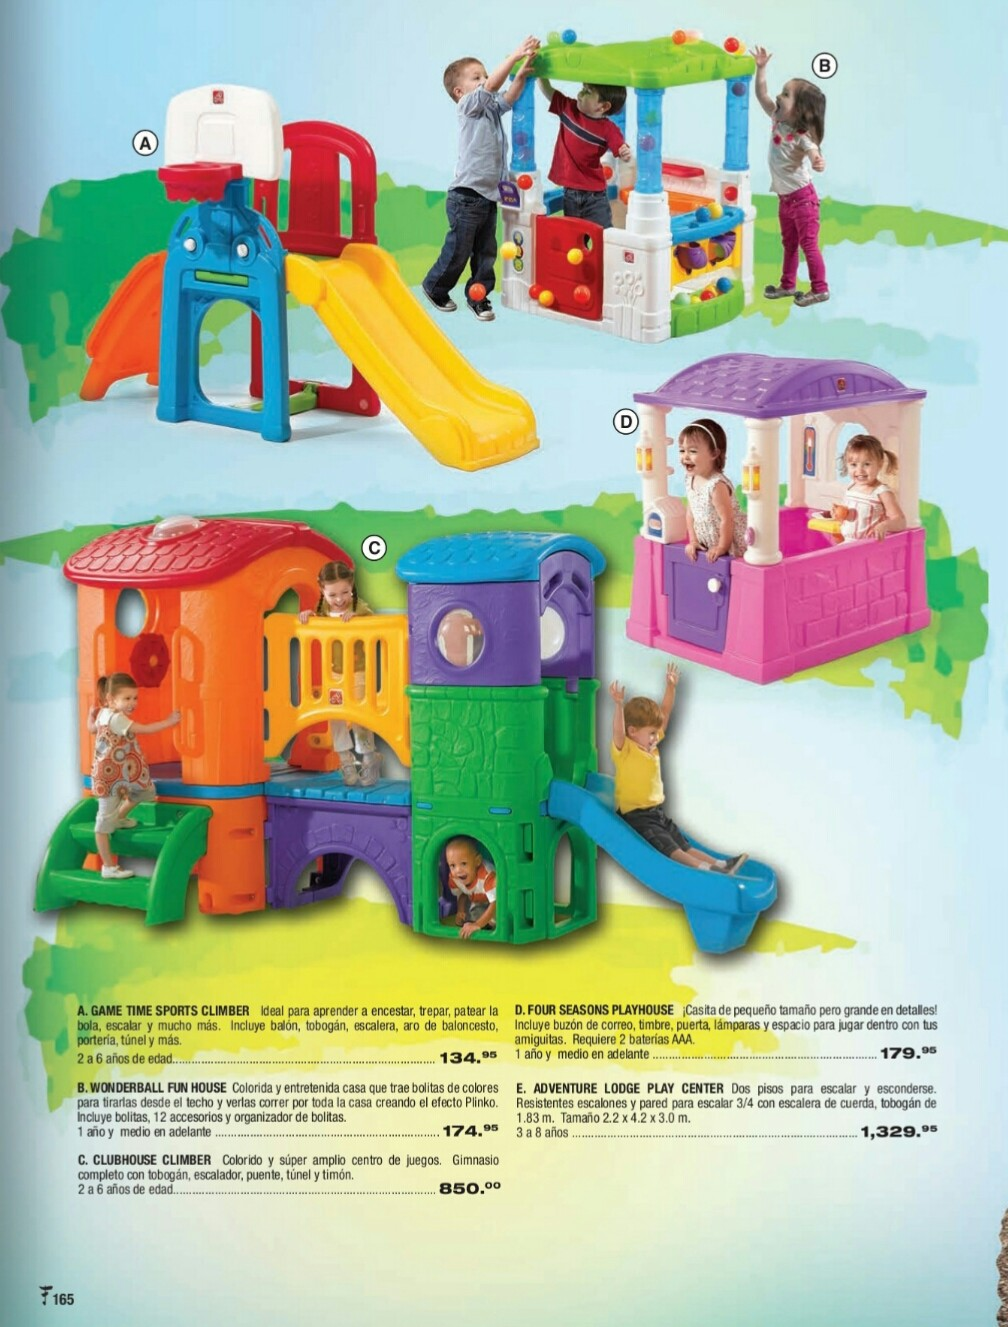 Catalogo juguetes Felix B Maduro 2018 p165